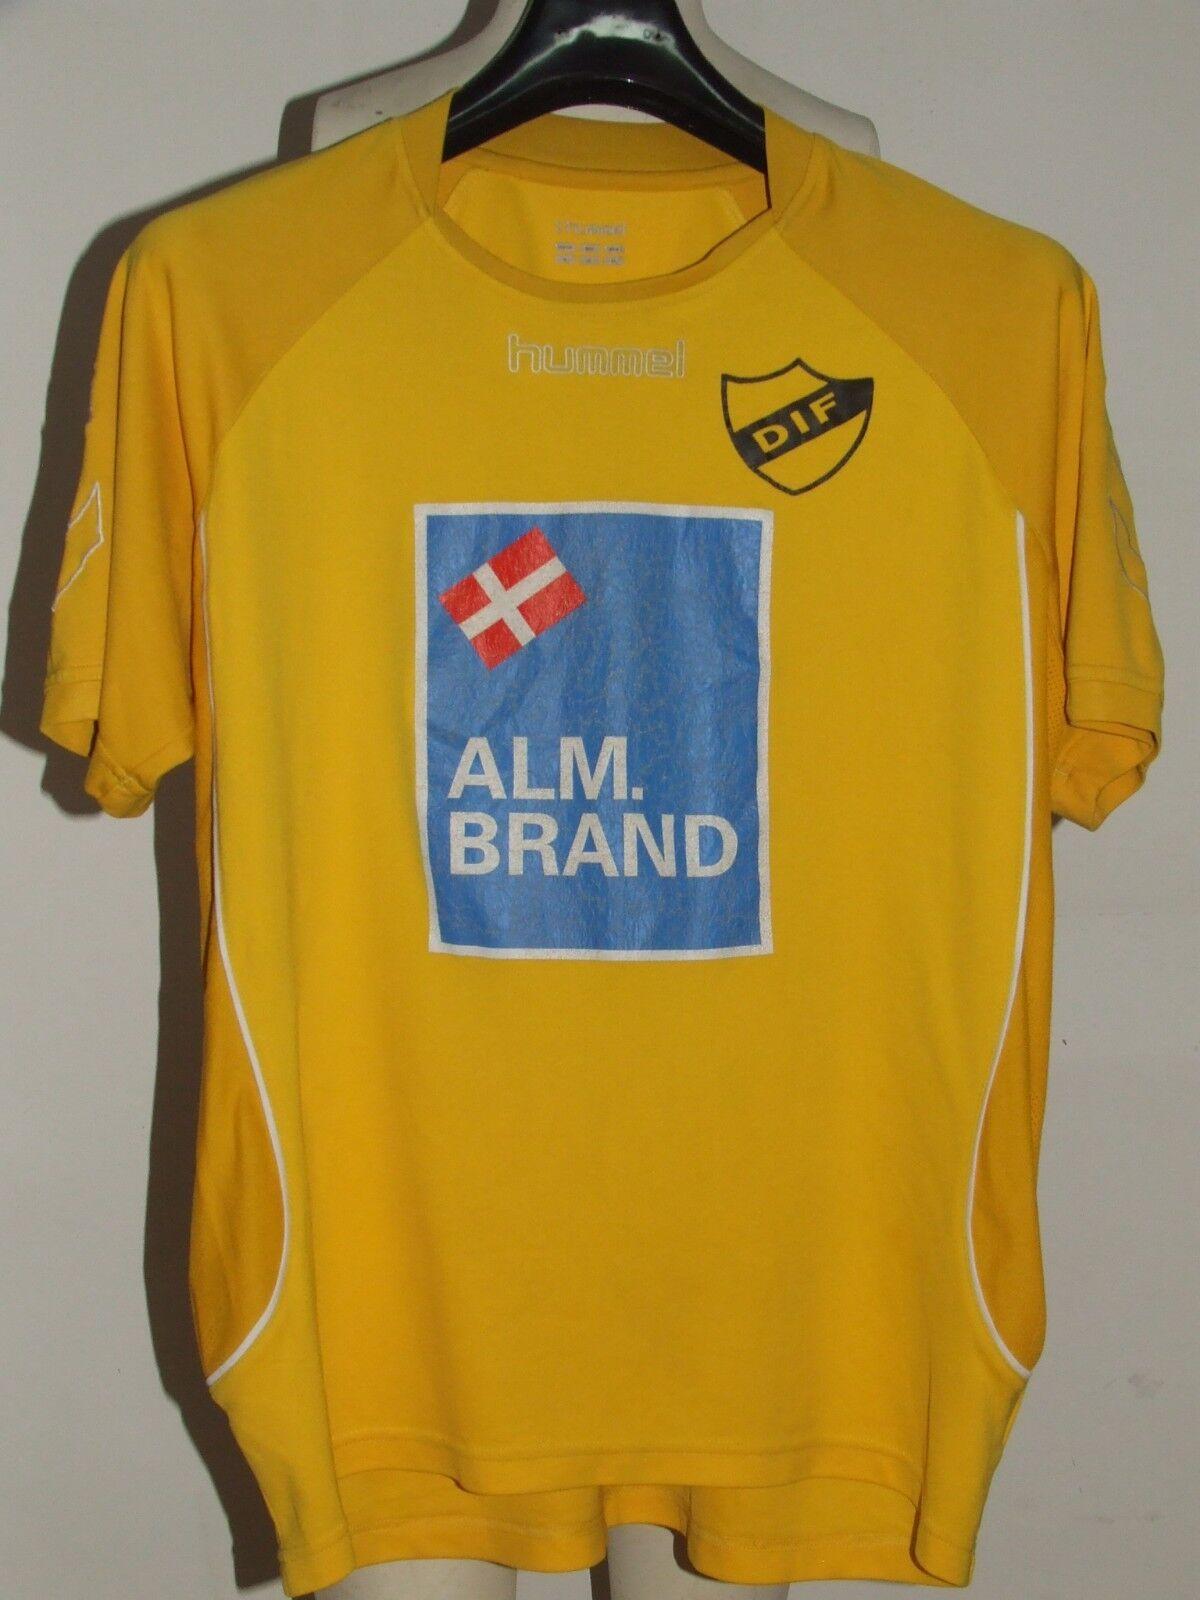 Fußballtrikot Trikot Maillot Maillot Maillot Camiseta Sport matchworn djurgardens Nr10 9e2e53